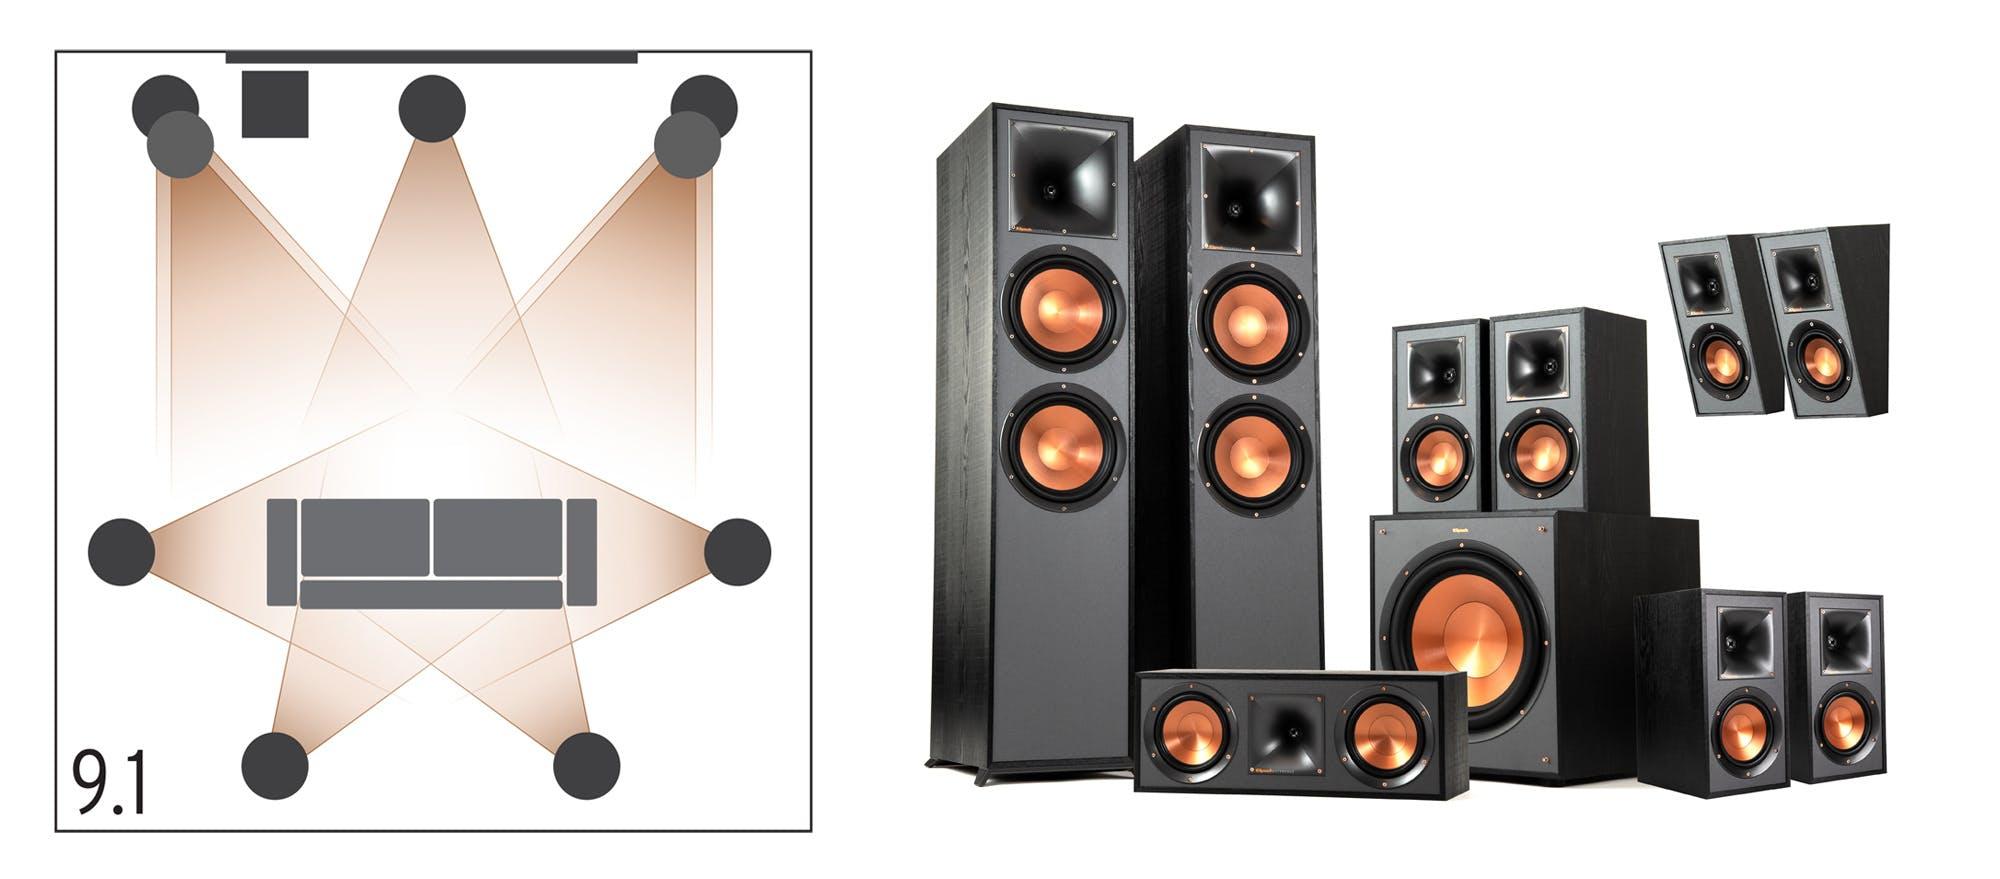 Klipsch surround sound 9,1 home theater configuration